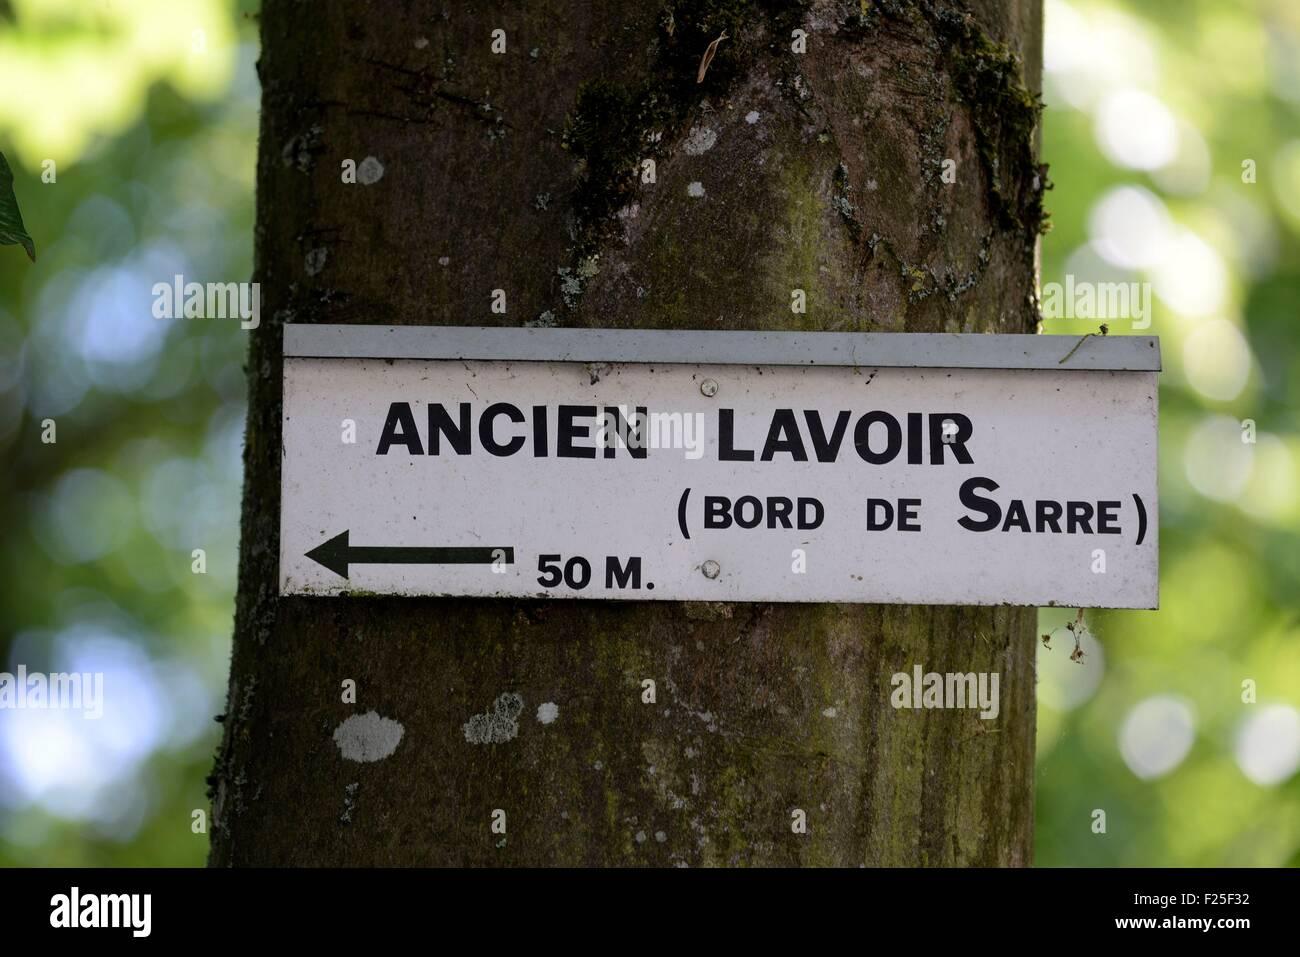 France, Moselle, Fenetrange, former laundrette edge of the Sarre river, panel - Stock Image